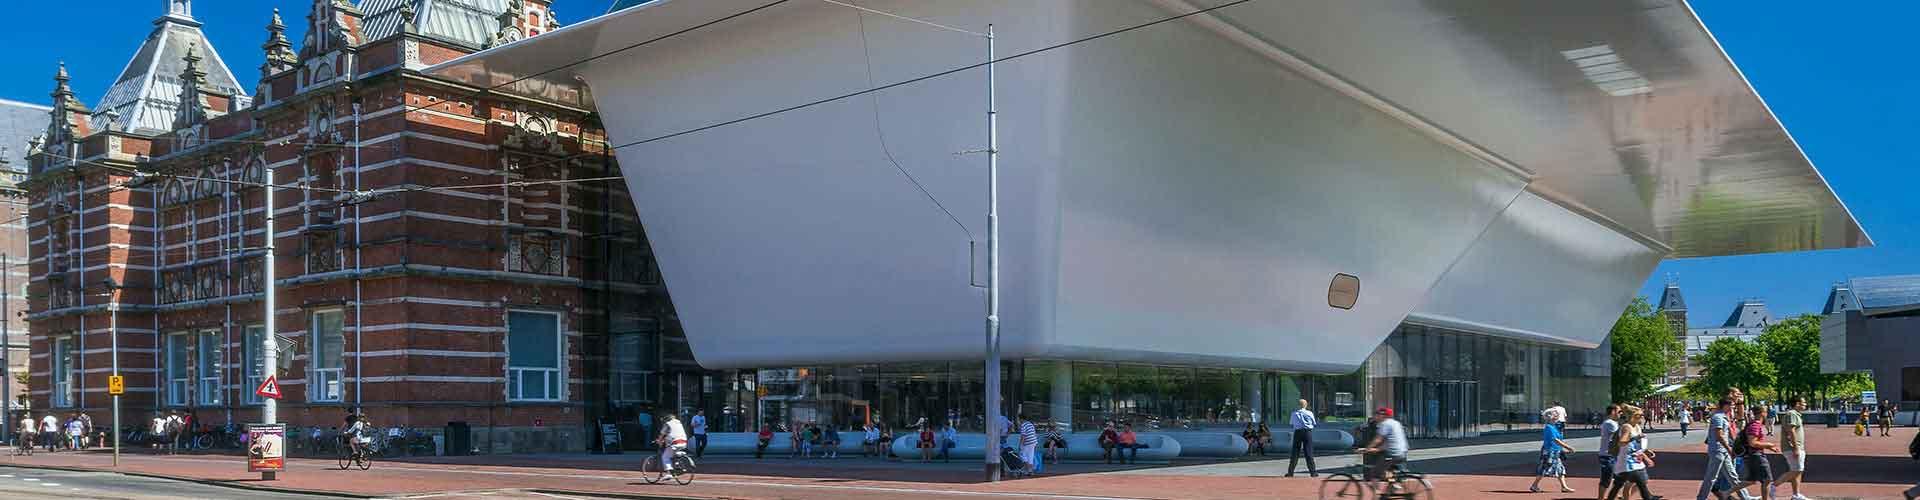 Amsterdam - Zelten nahe Stedelijk Museum. Amsterdam auf der Karte. Fotos und Bewertungen für jeden Zeltplatz in Amsterdam.